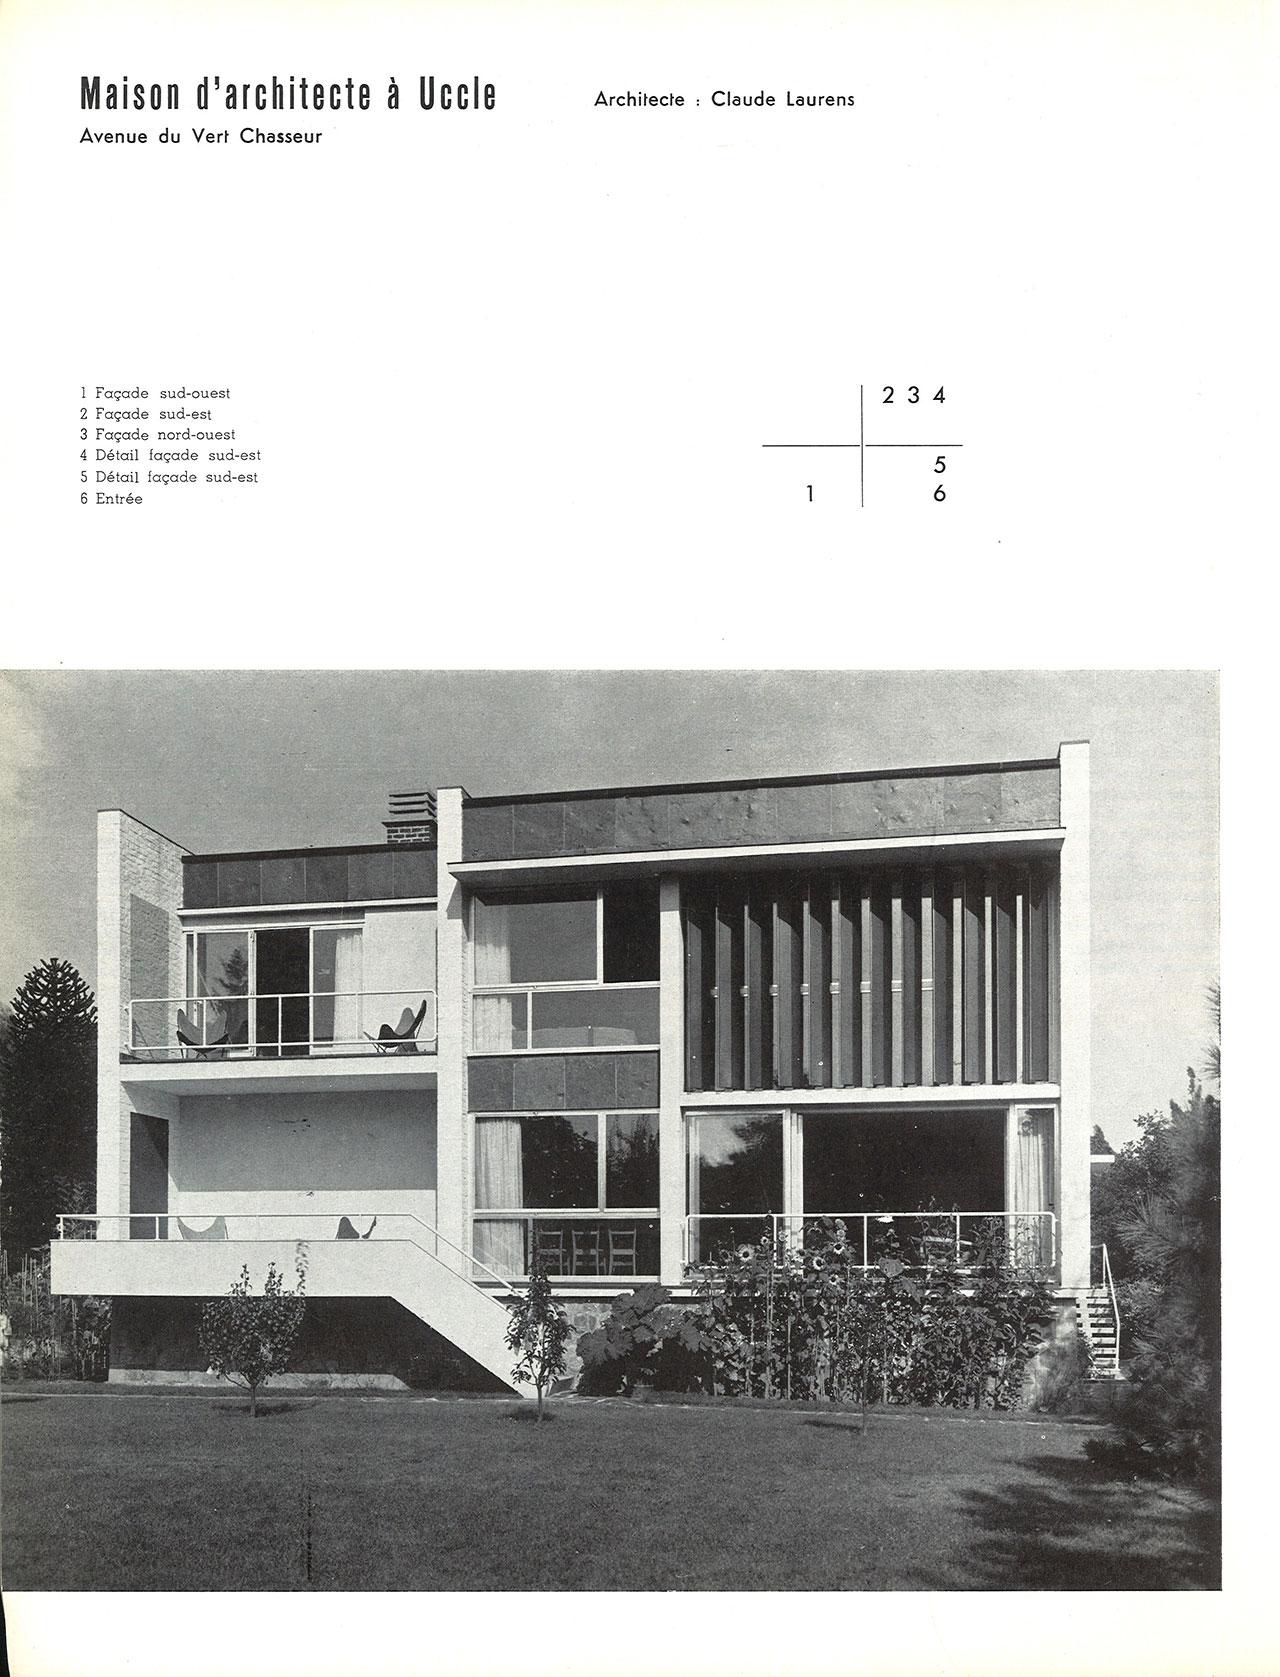 Maison d architecte uccle avenue du vert chasseur for Ma maison mon architecte